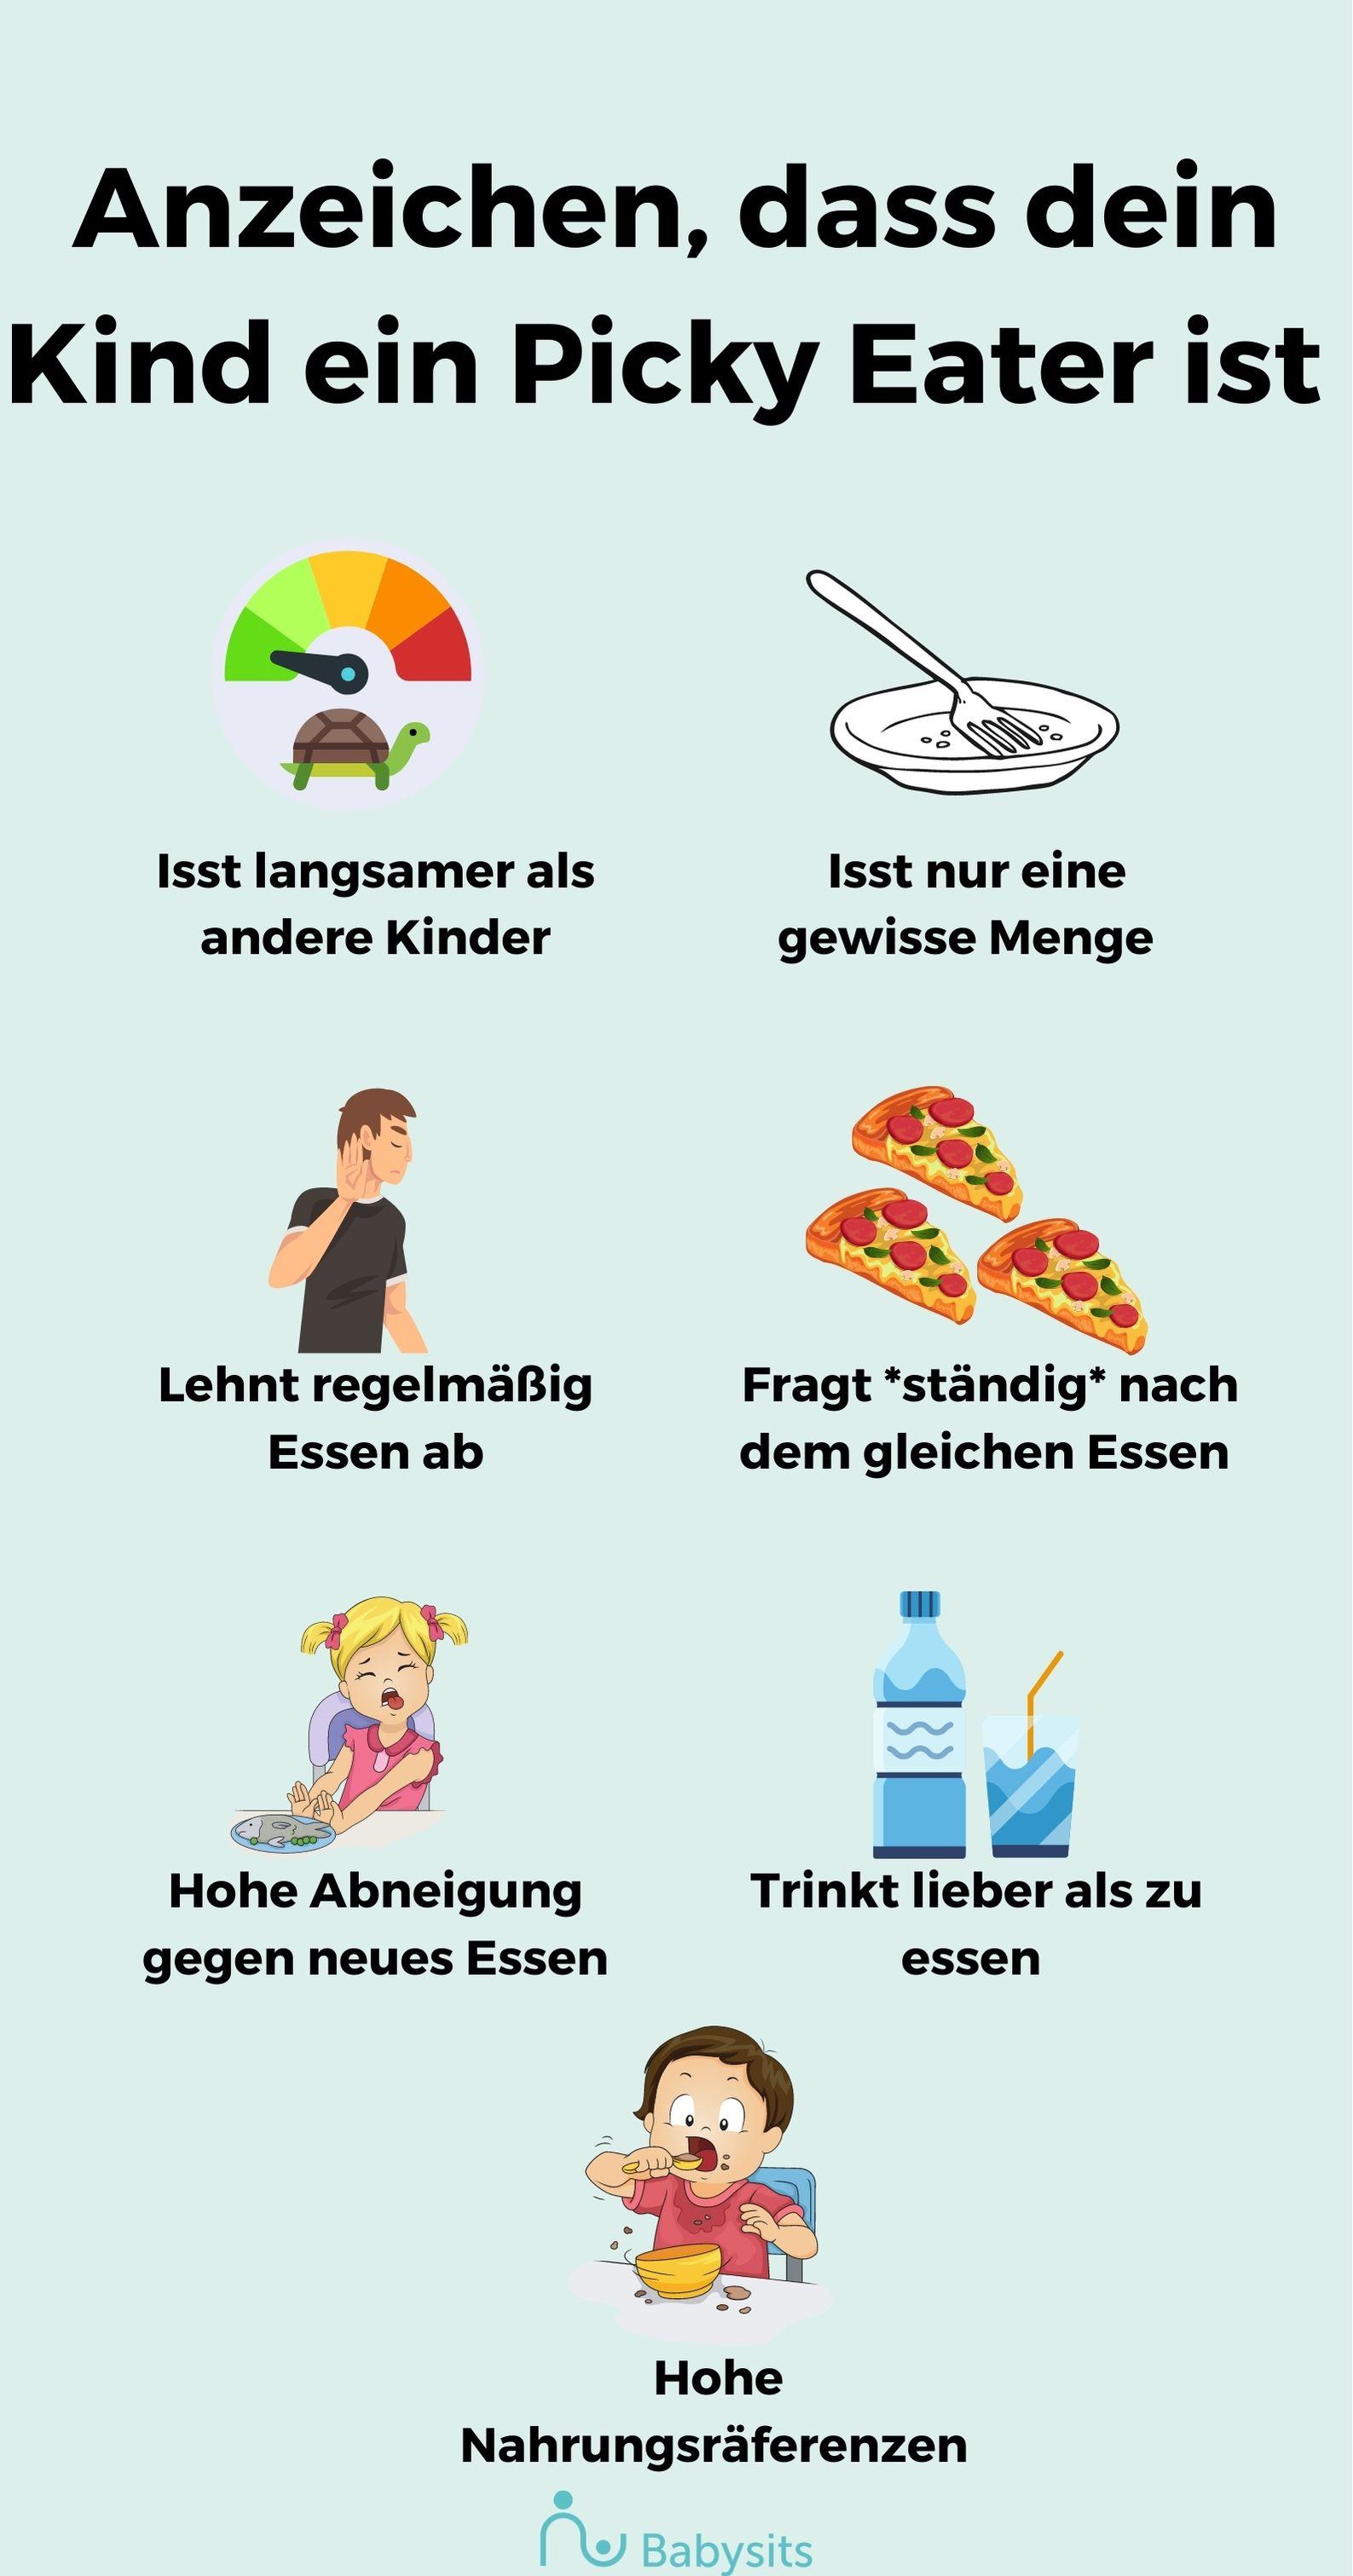 7 Anzeichen dafür, dass dein Kind ein Picky Eater ist